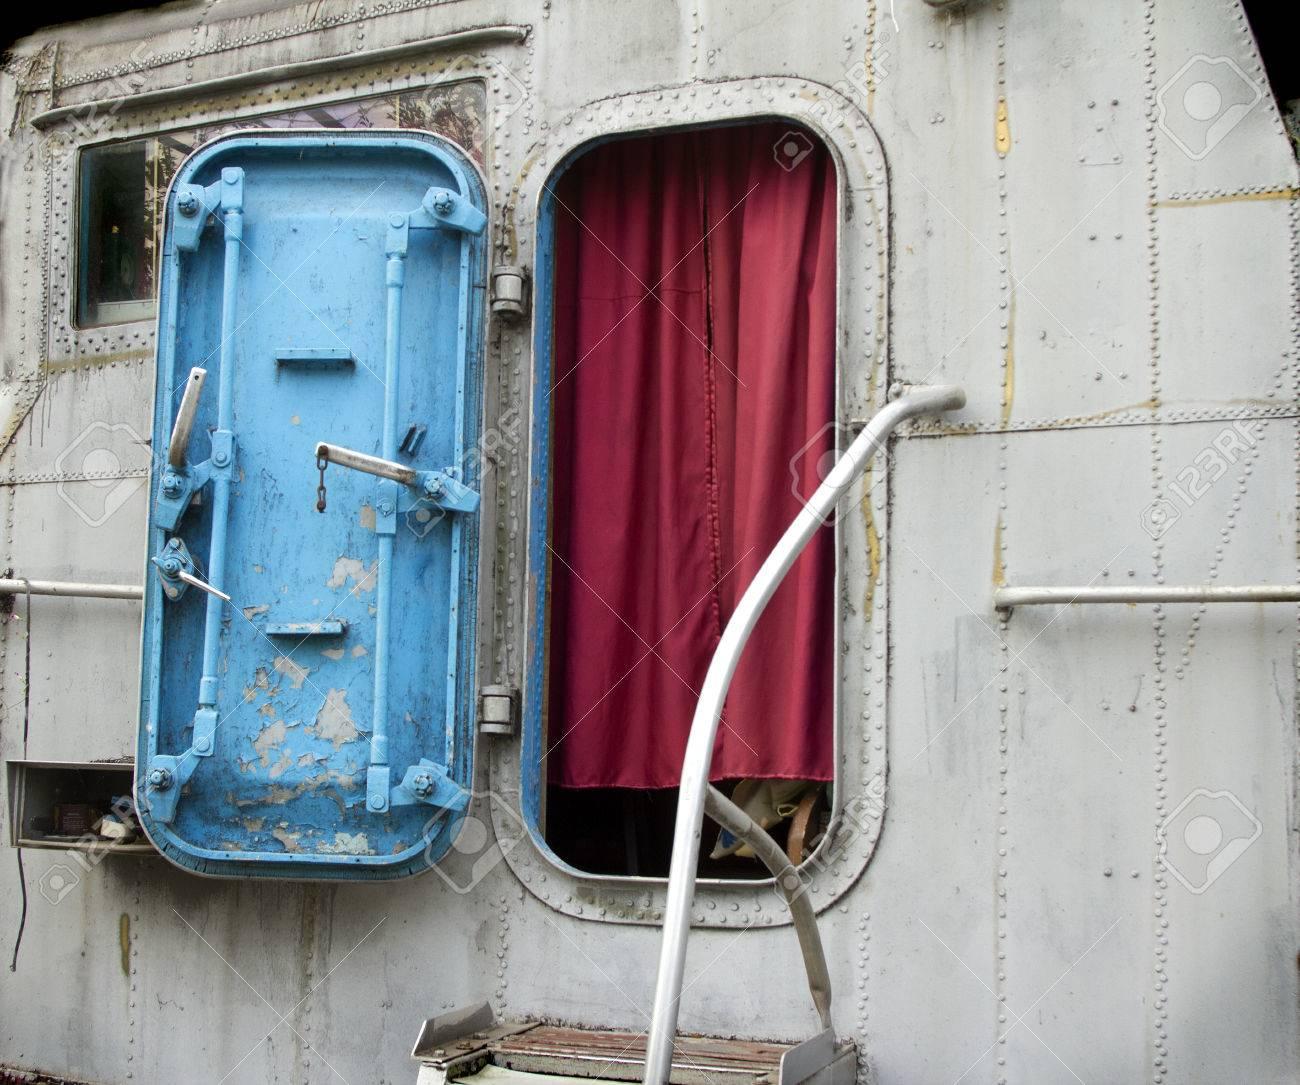 Porte Bleue Avec Rideau Rouge à La Timonerie De L\'ancien Bateau ...